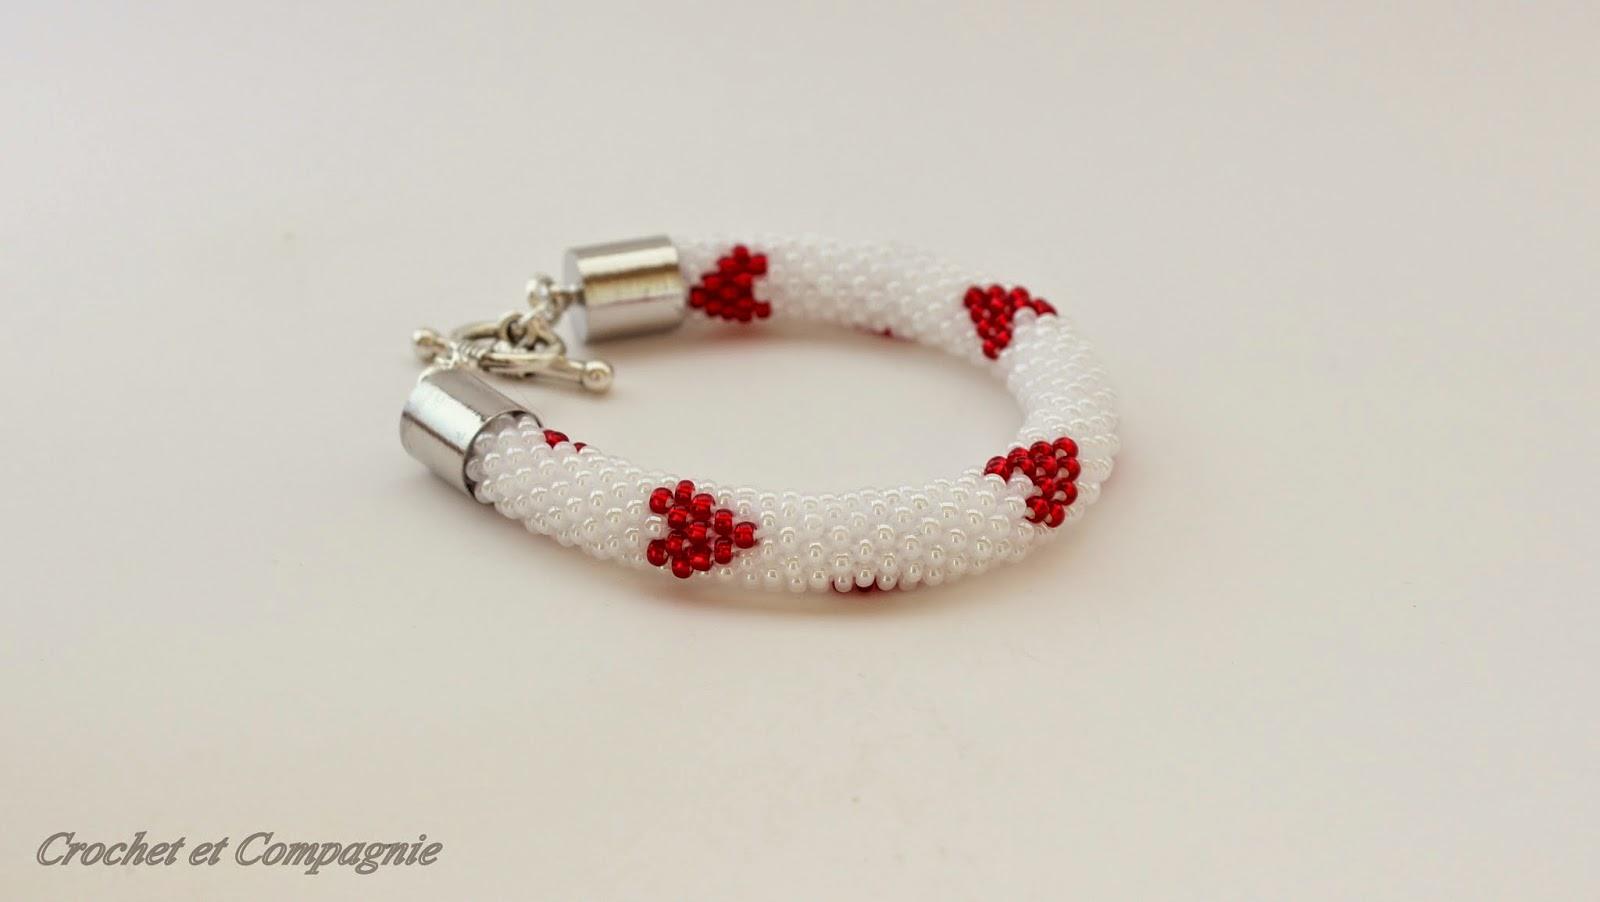 crochet et compagnie bracelet coeurs pour saint valentin. Black Bedroom Furniture Sets. Home Design Ideas